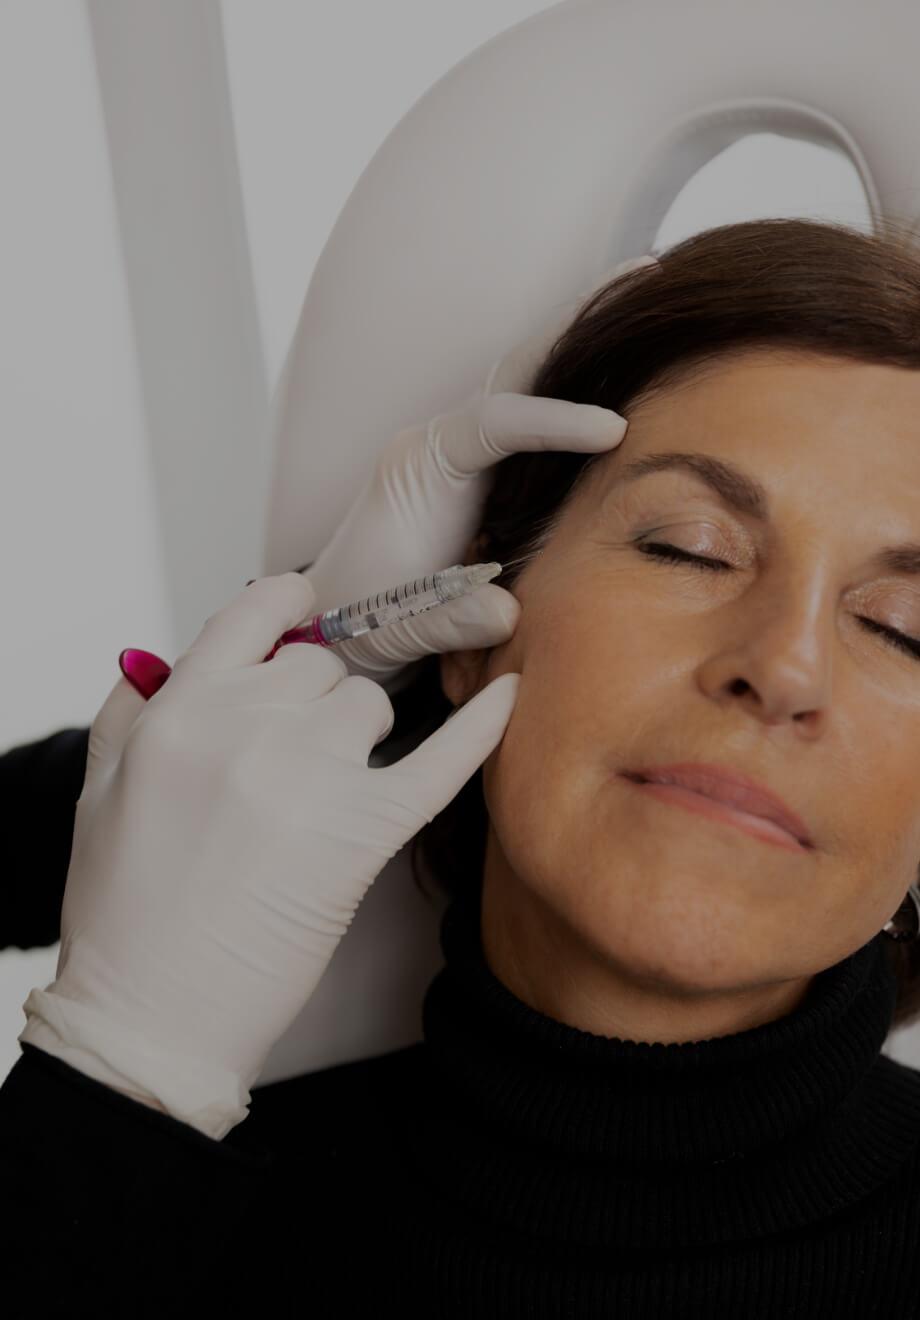 Un médecin de la Clinique Chloé effectuant un traitement de mésothérapie sur le visage d'une patiente